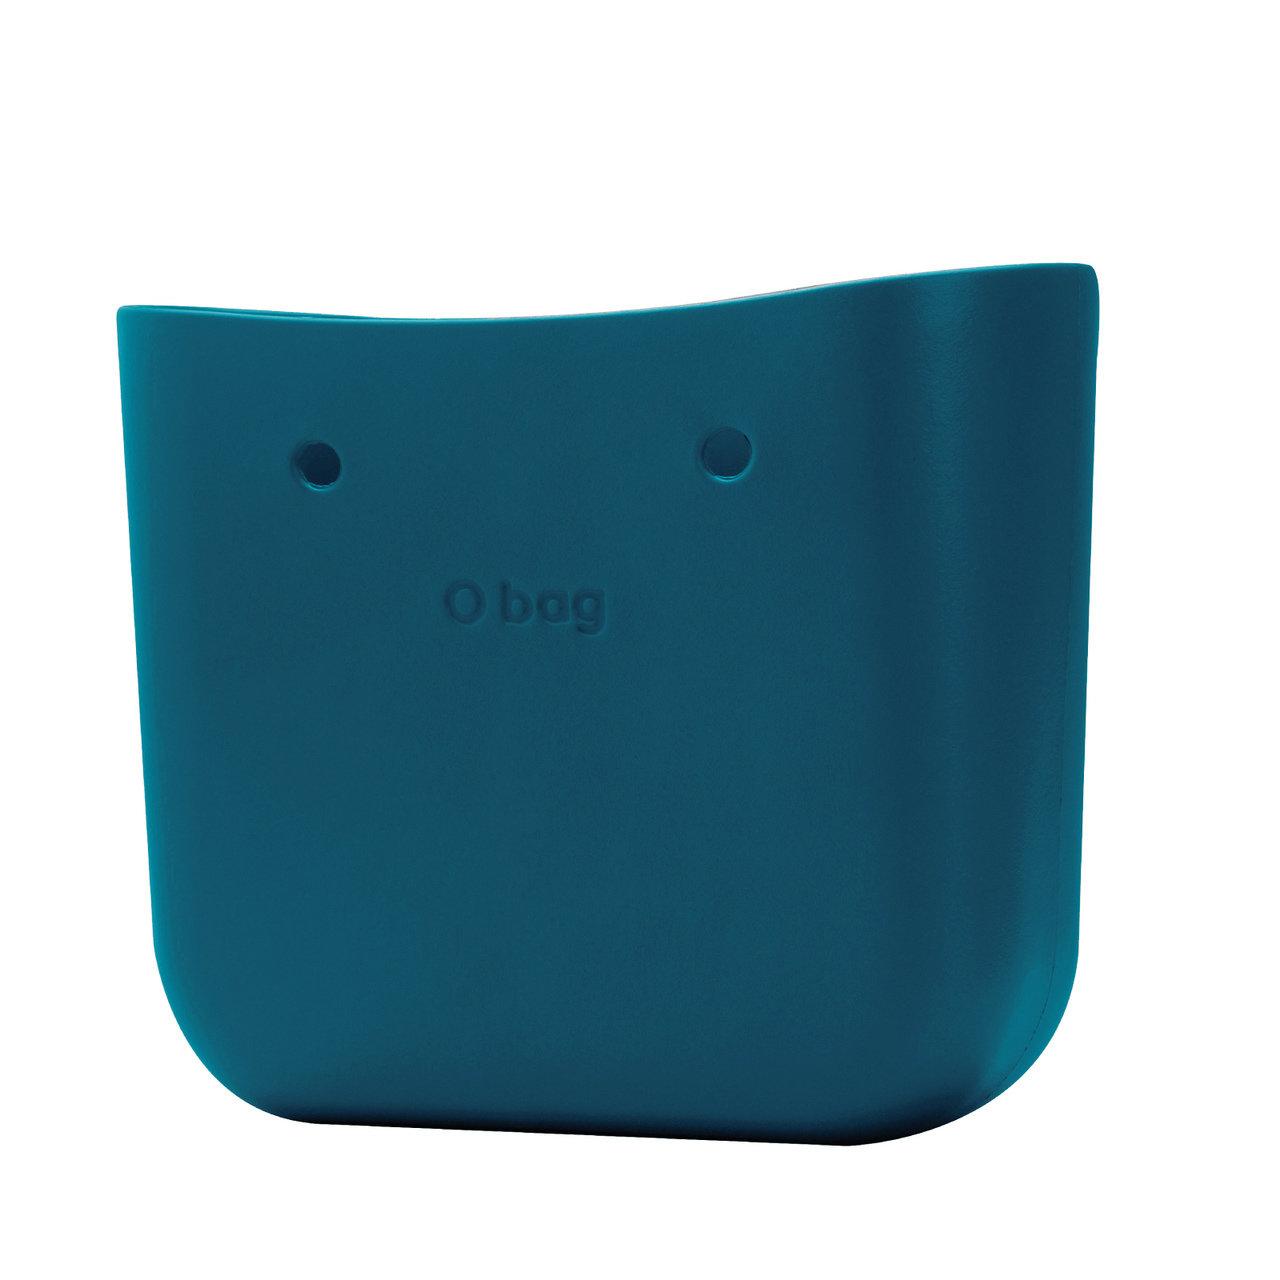 Obag modré tělo MINI Ottanio